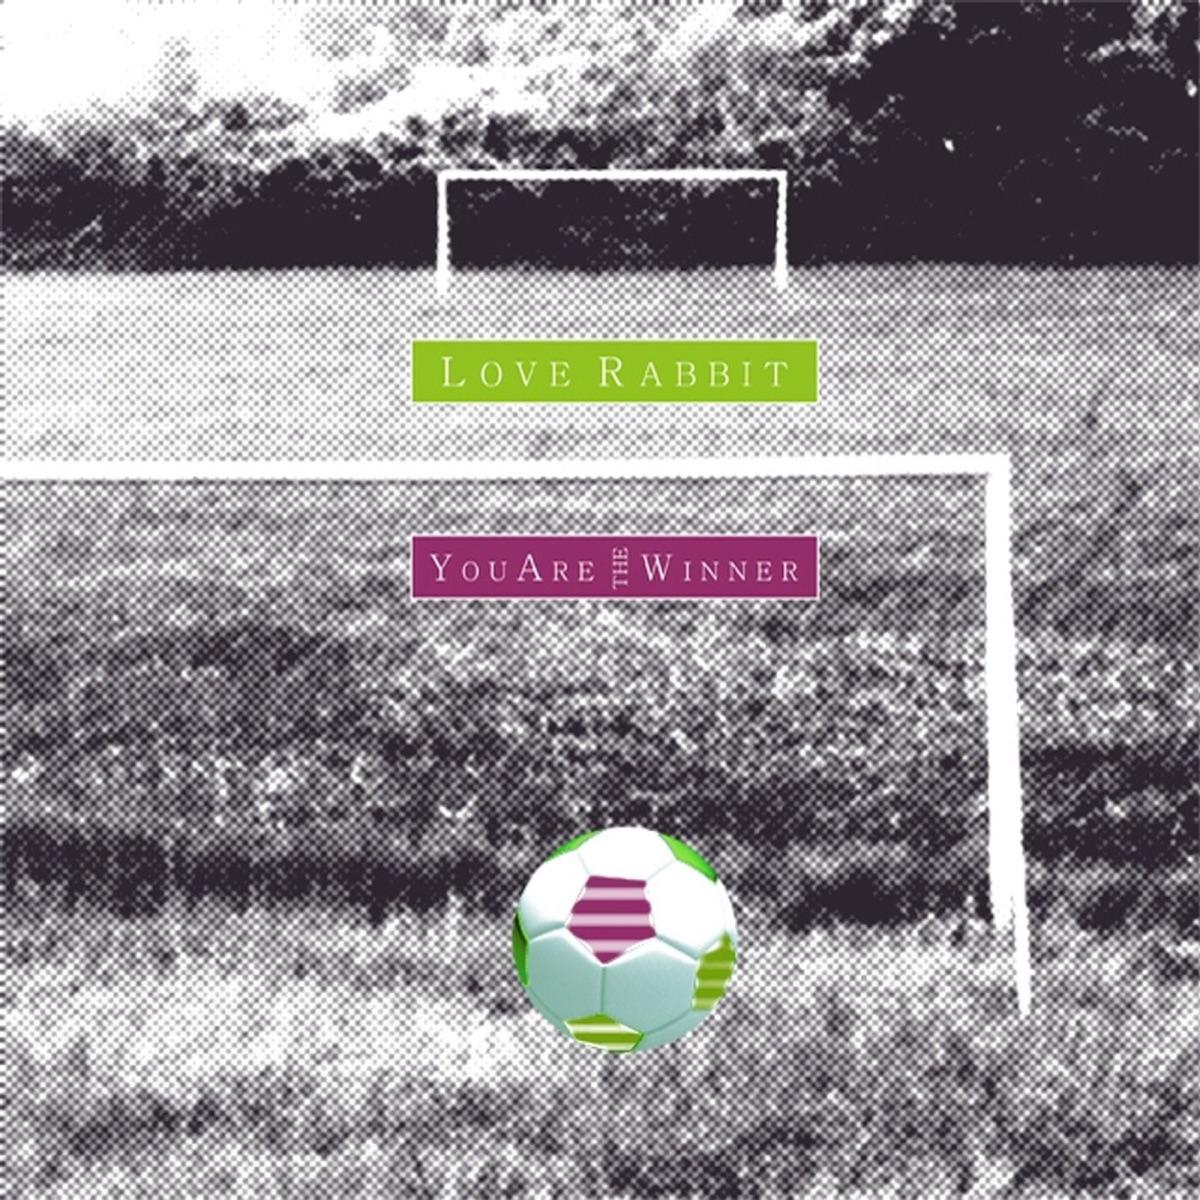 영광의 순간을 위하여 - EP Love Rabbit CD cover